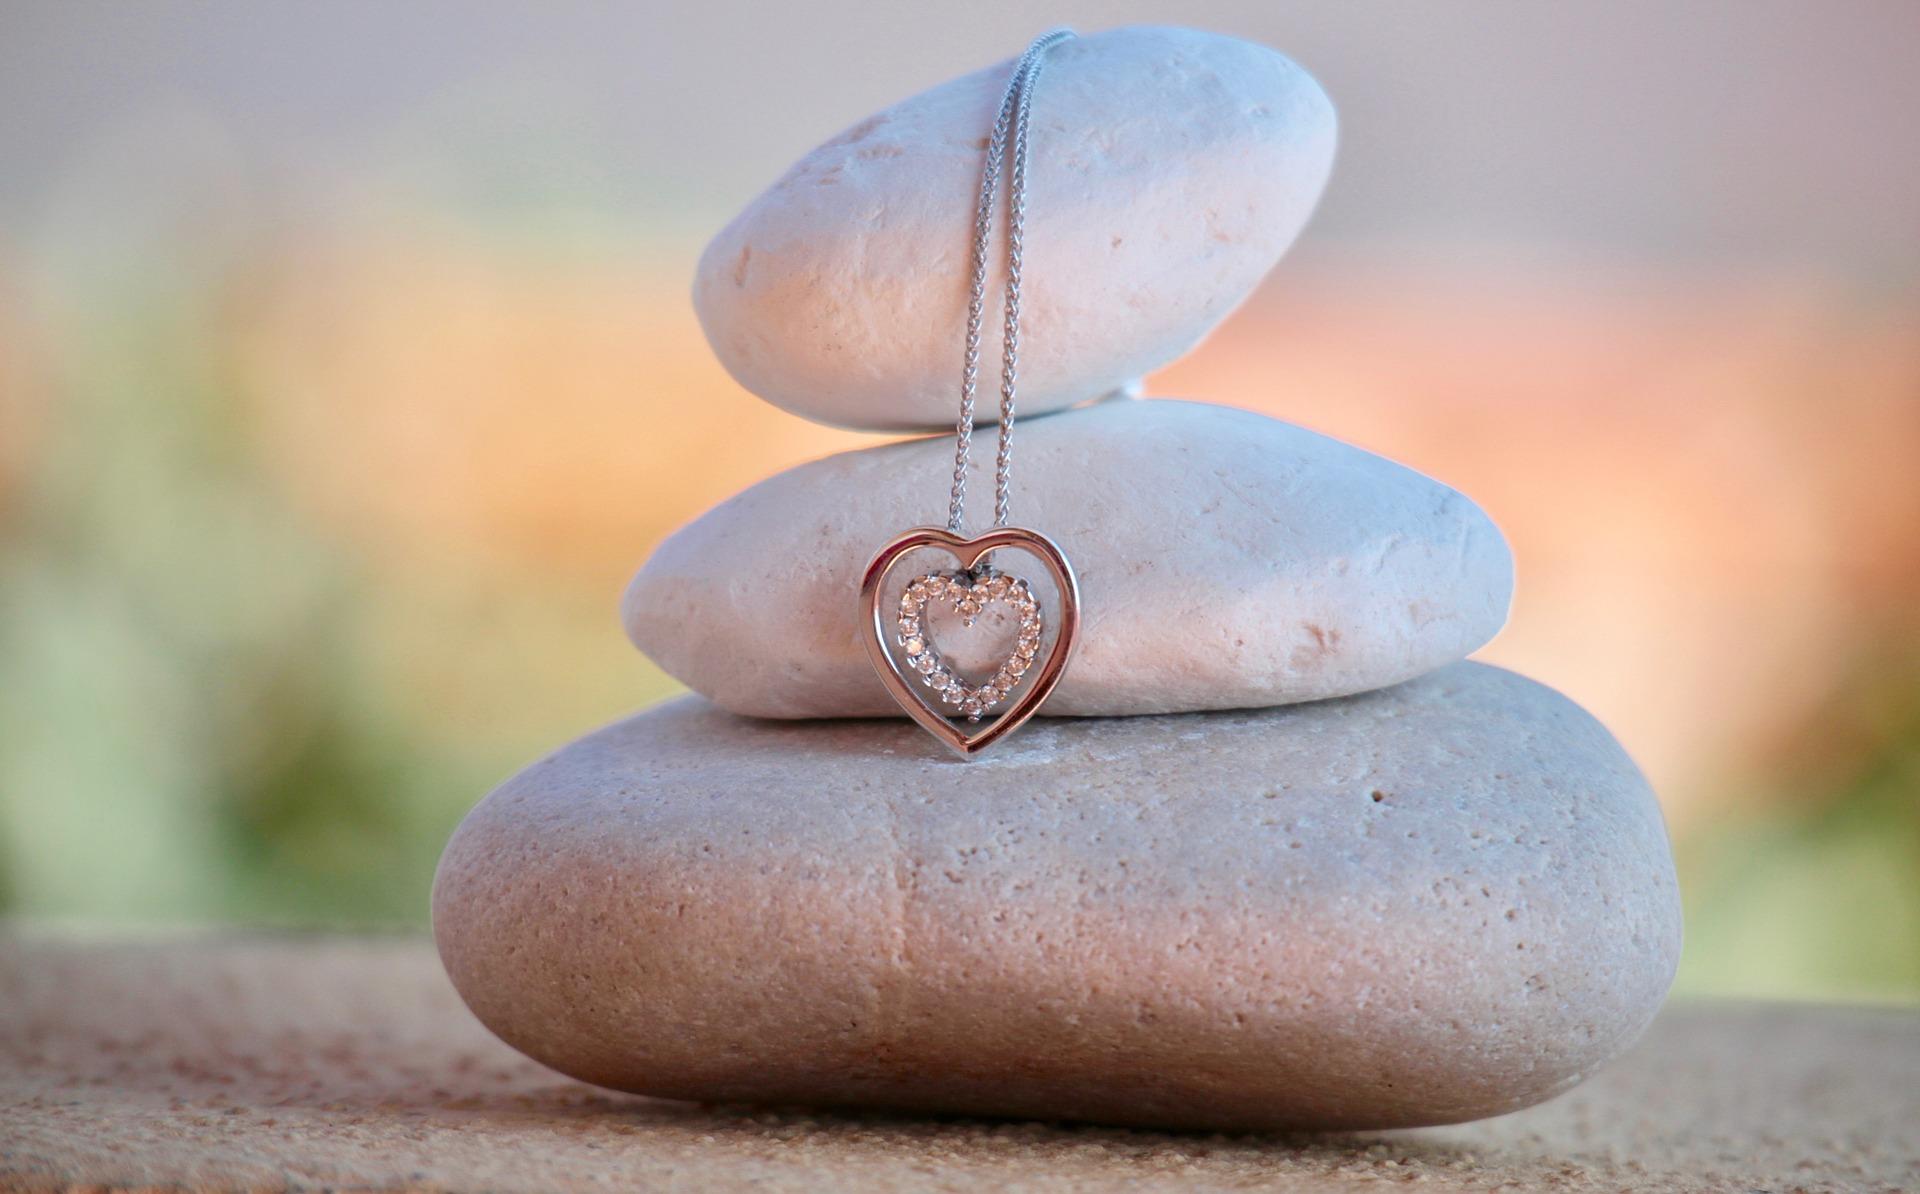 Offrir un bijou, quelle signification   - Bijouterie Joaillerie ... 937ed41a6d76